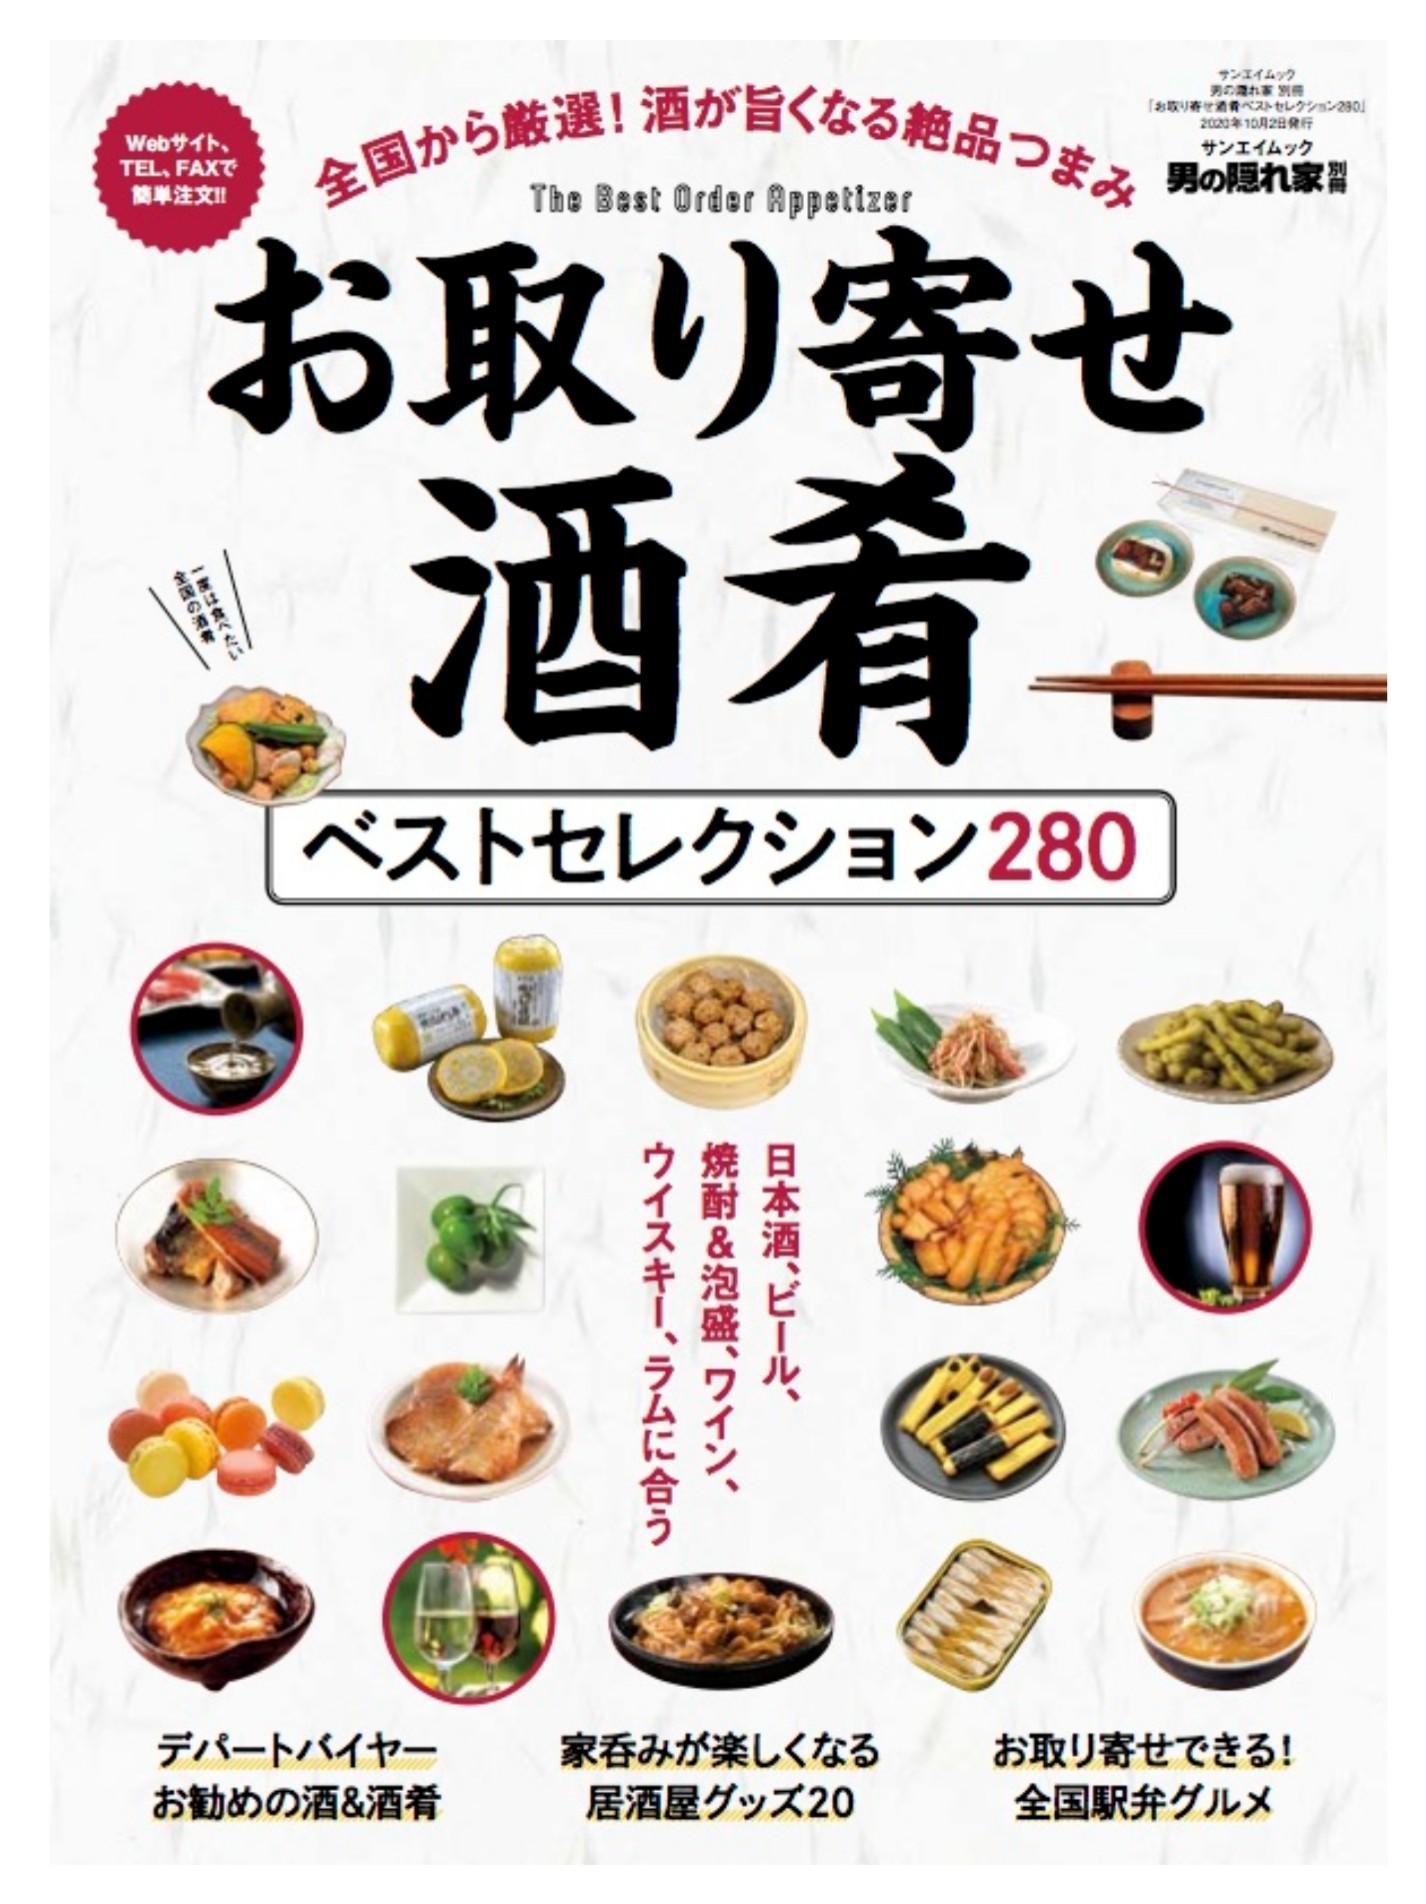 【雑誌掲載】至高の珍味 長崎珍味のあま300g